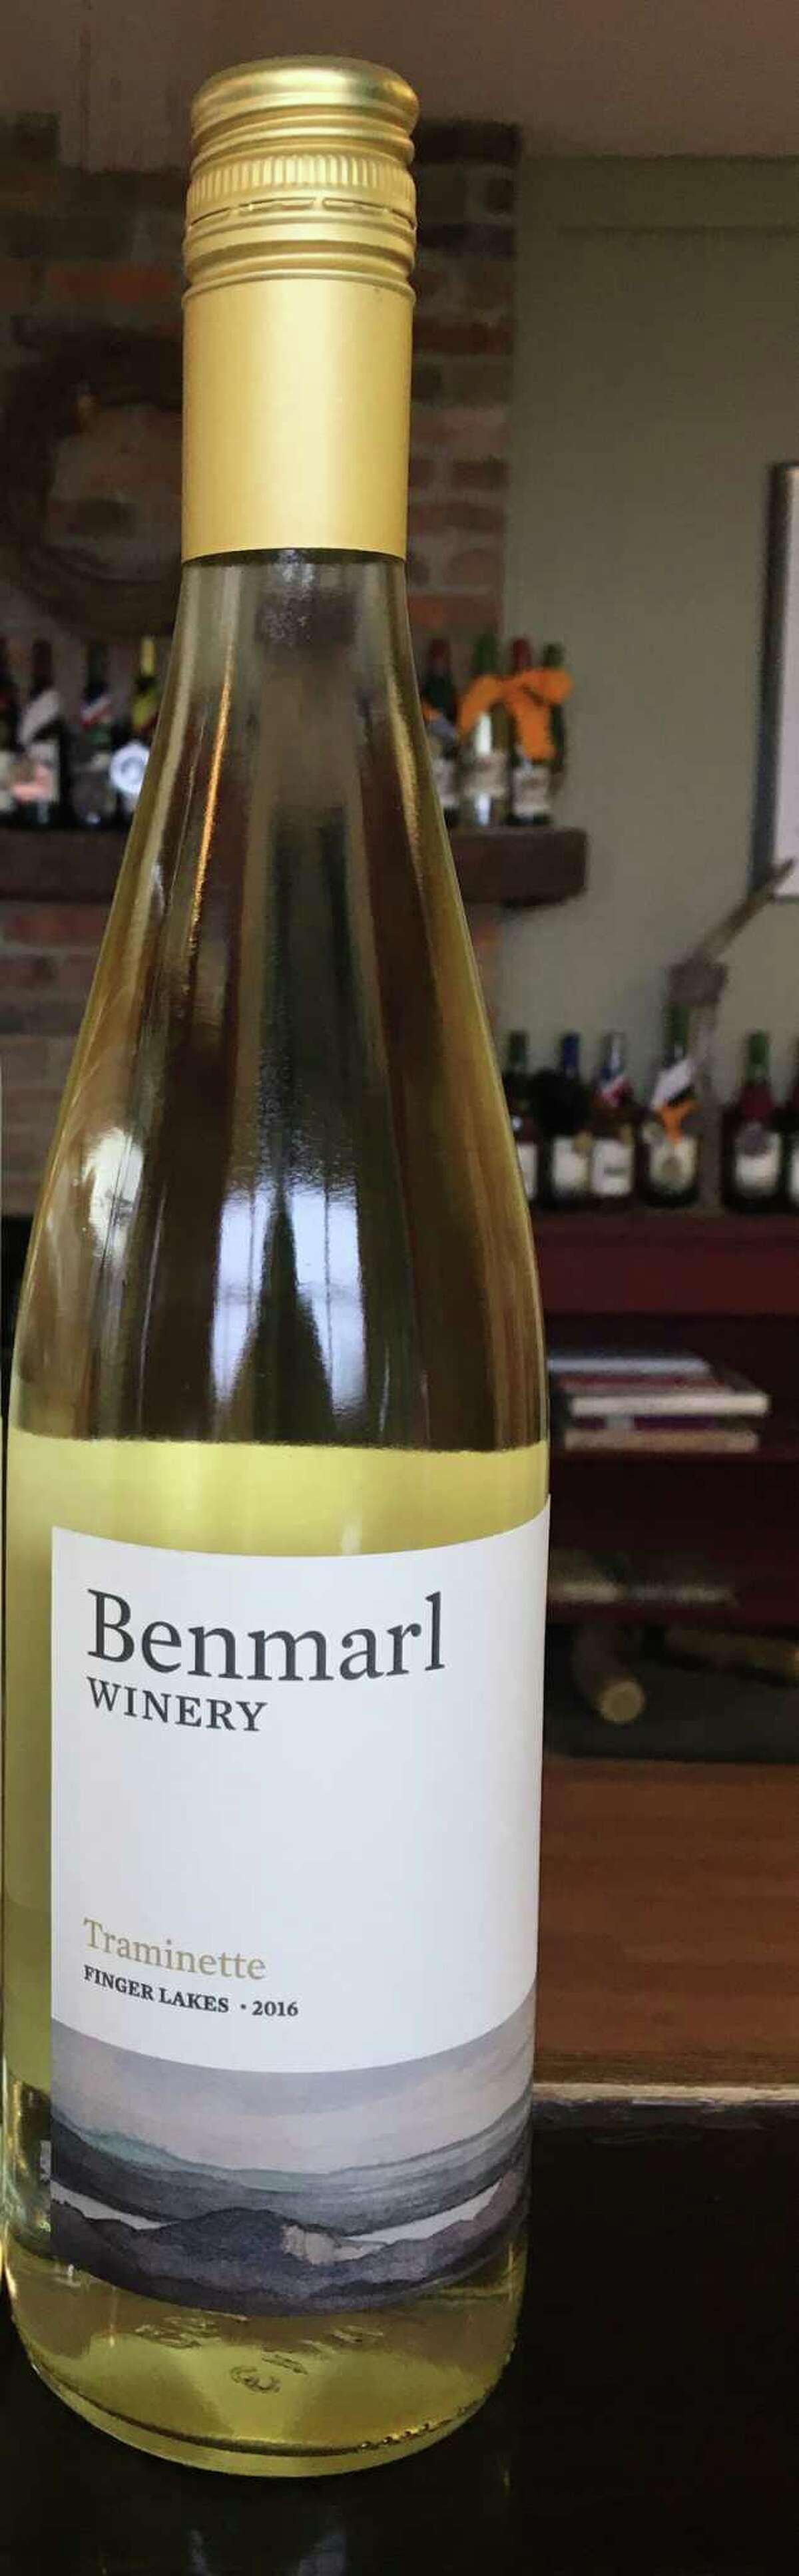 Benmarl Winery traminette